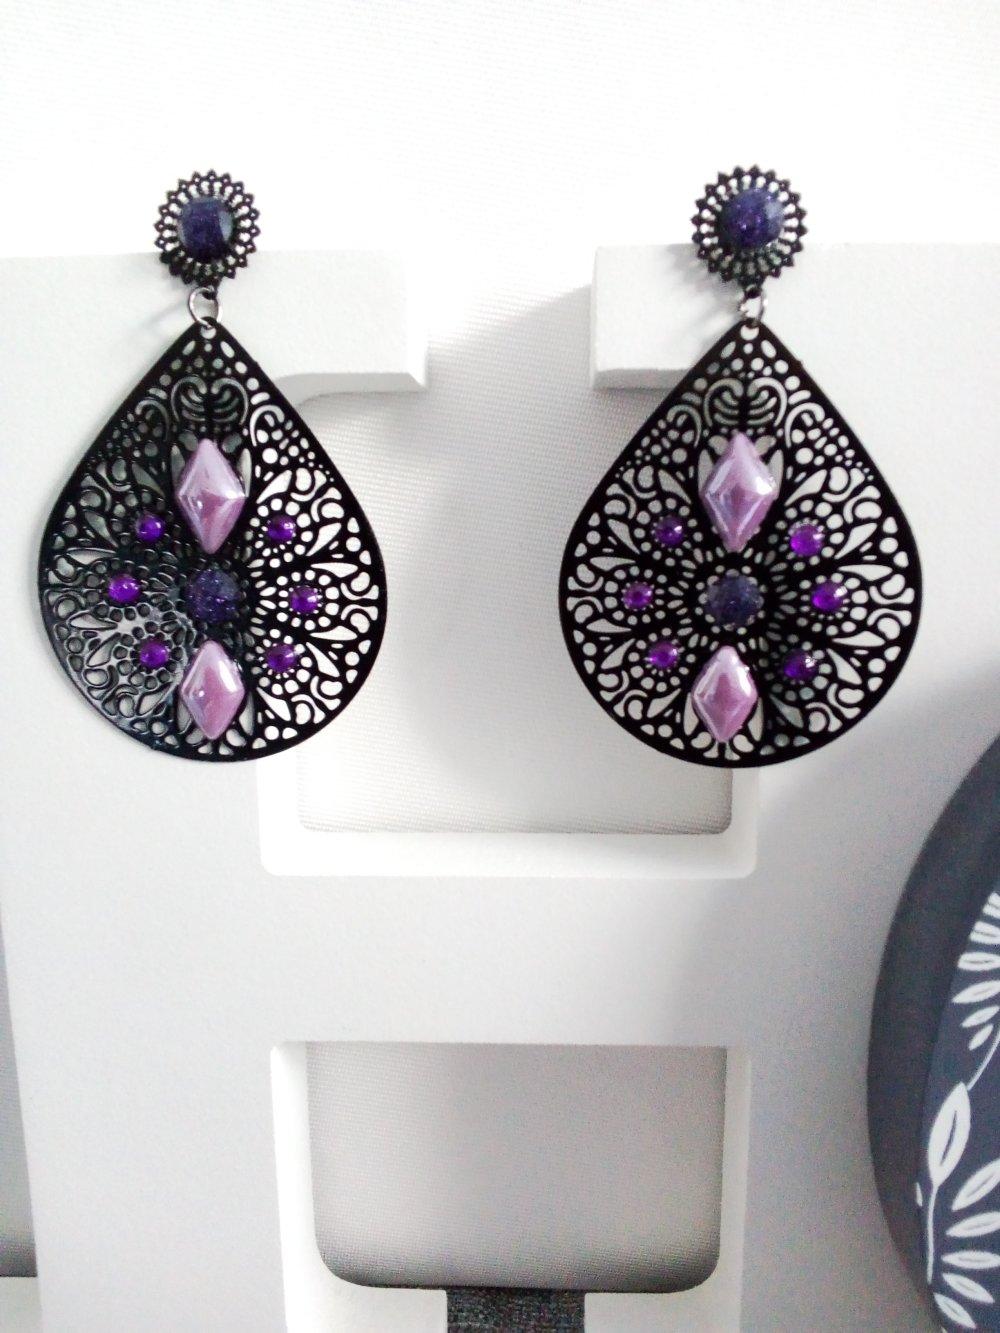 Boucles d'oreilles noir et violet et lilas pendantes